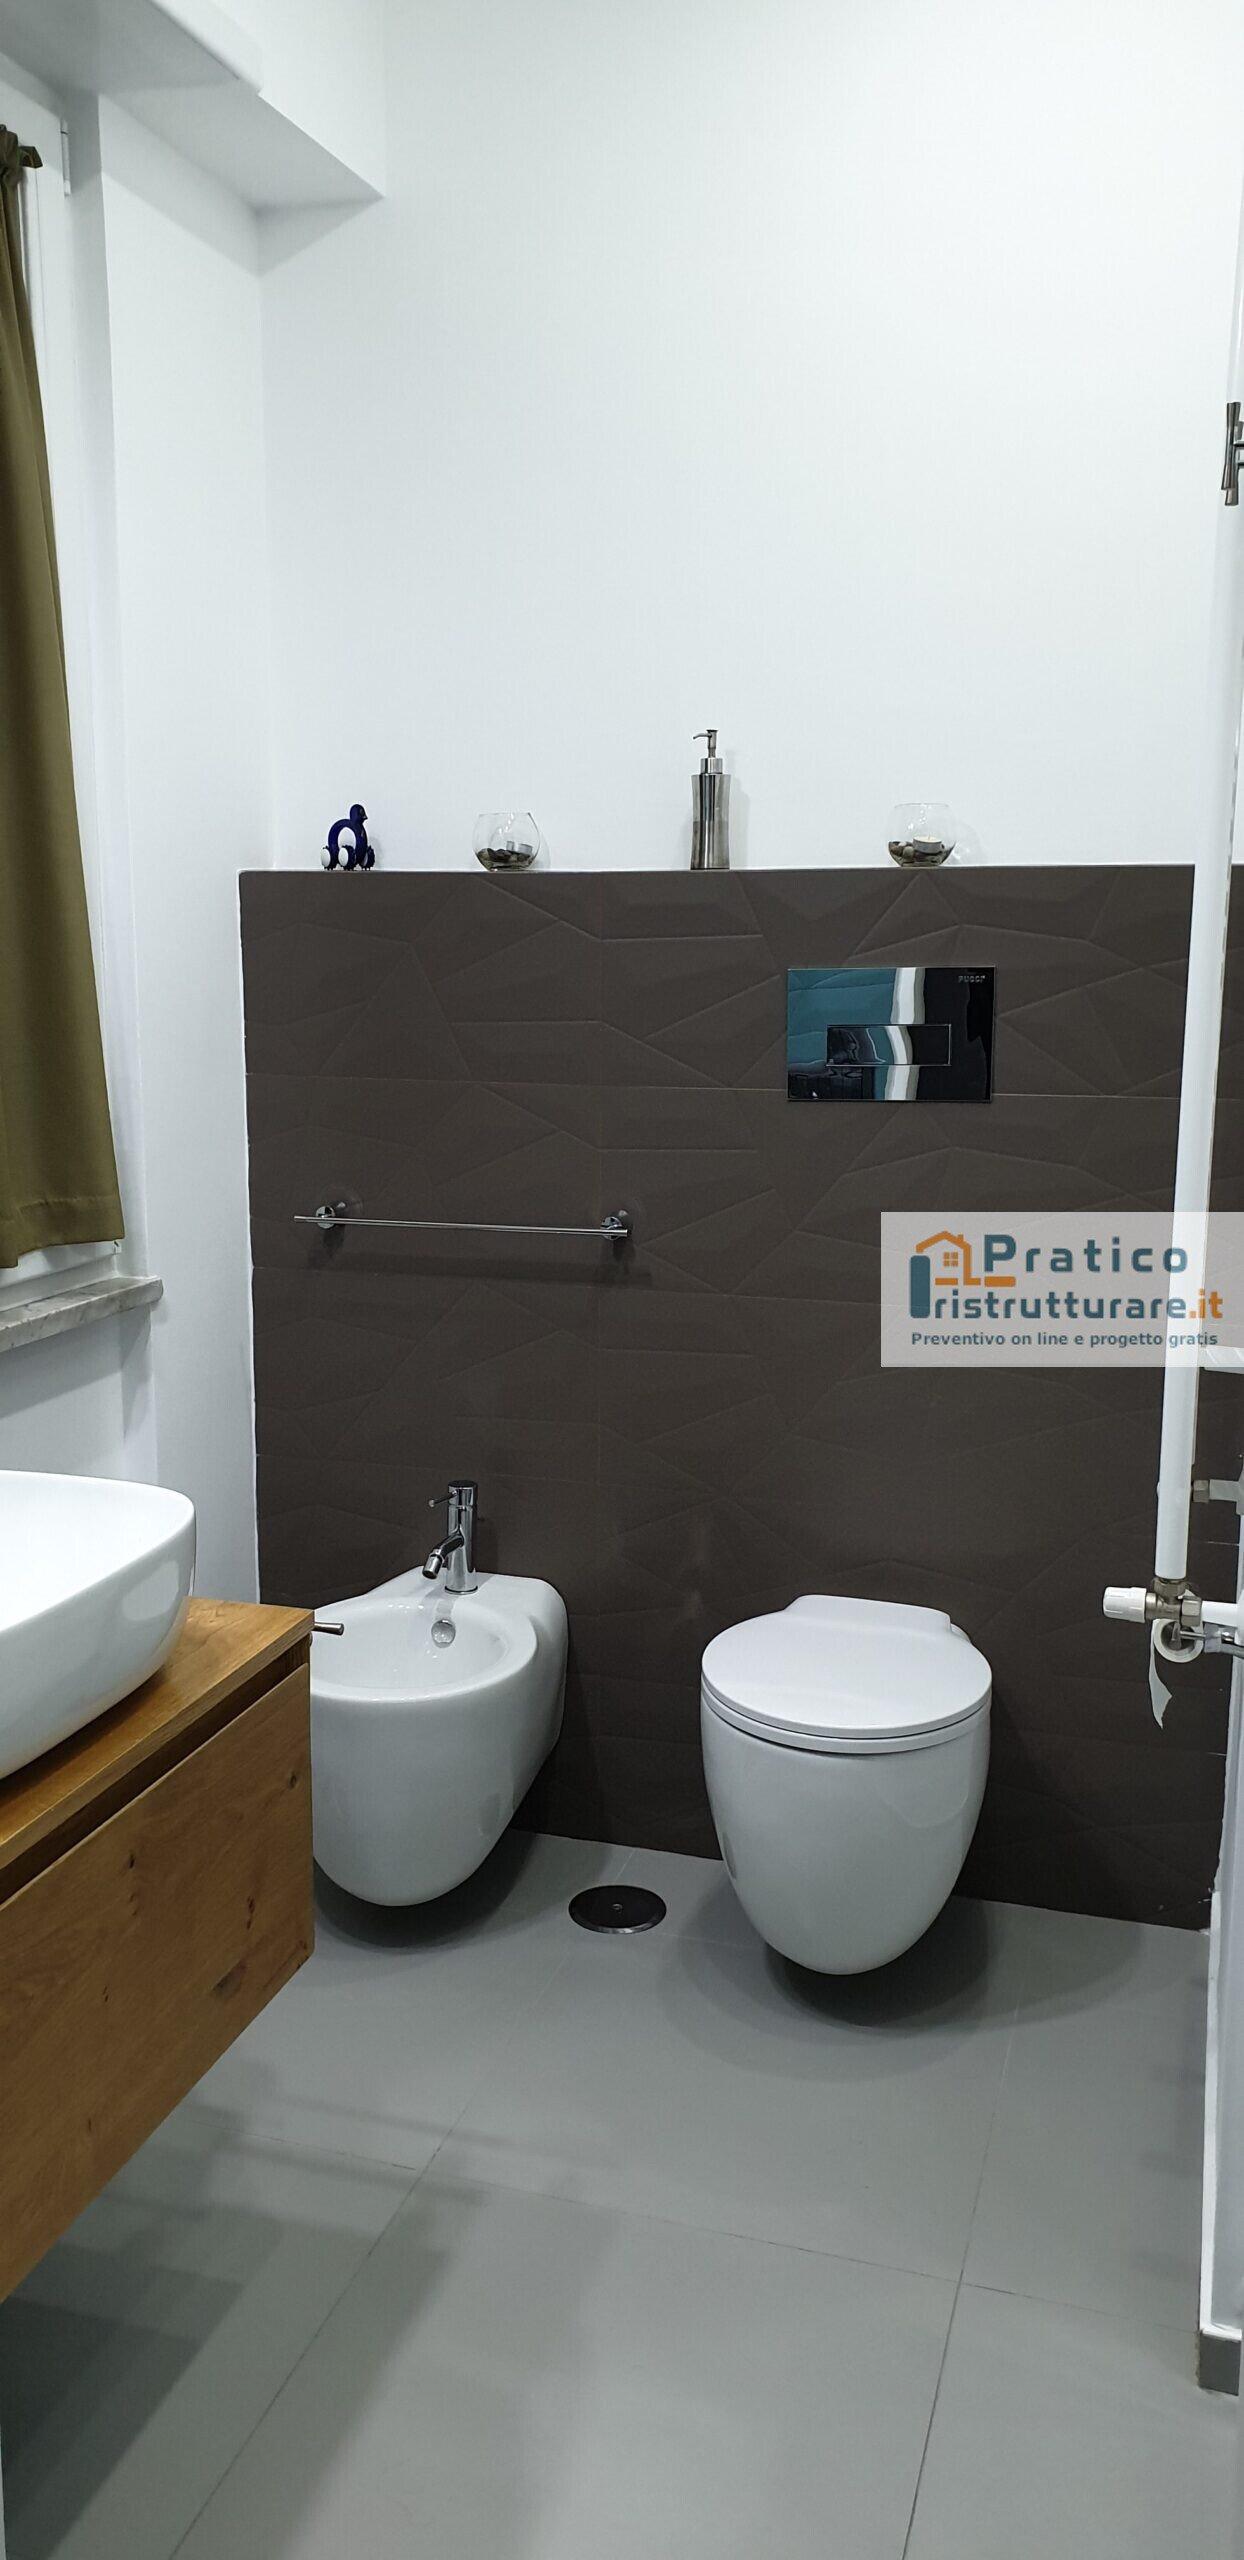 praticoristrutturare_bagno in camera3